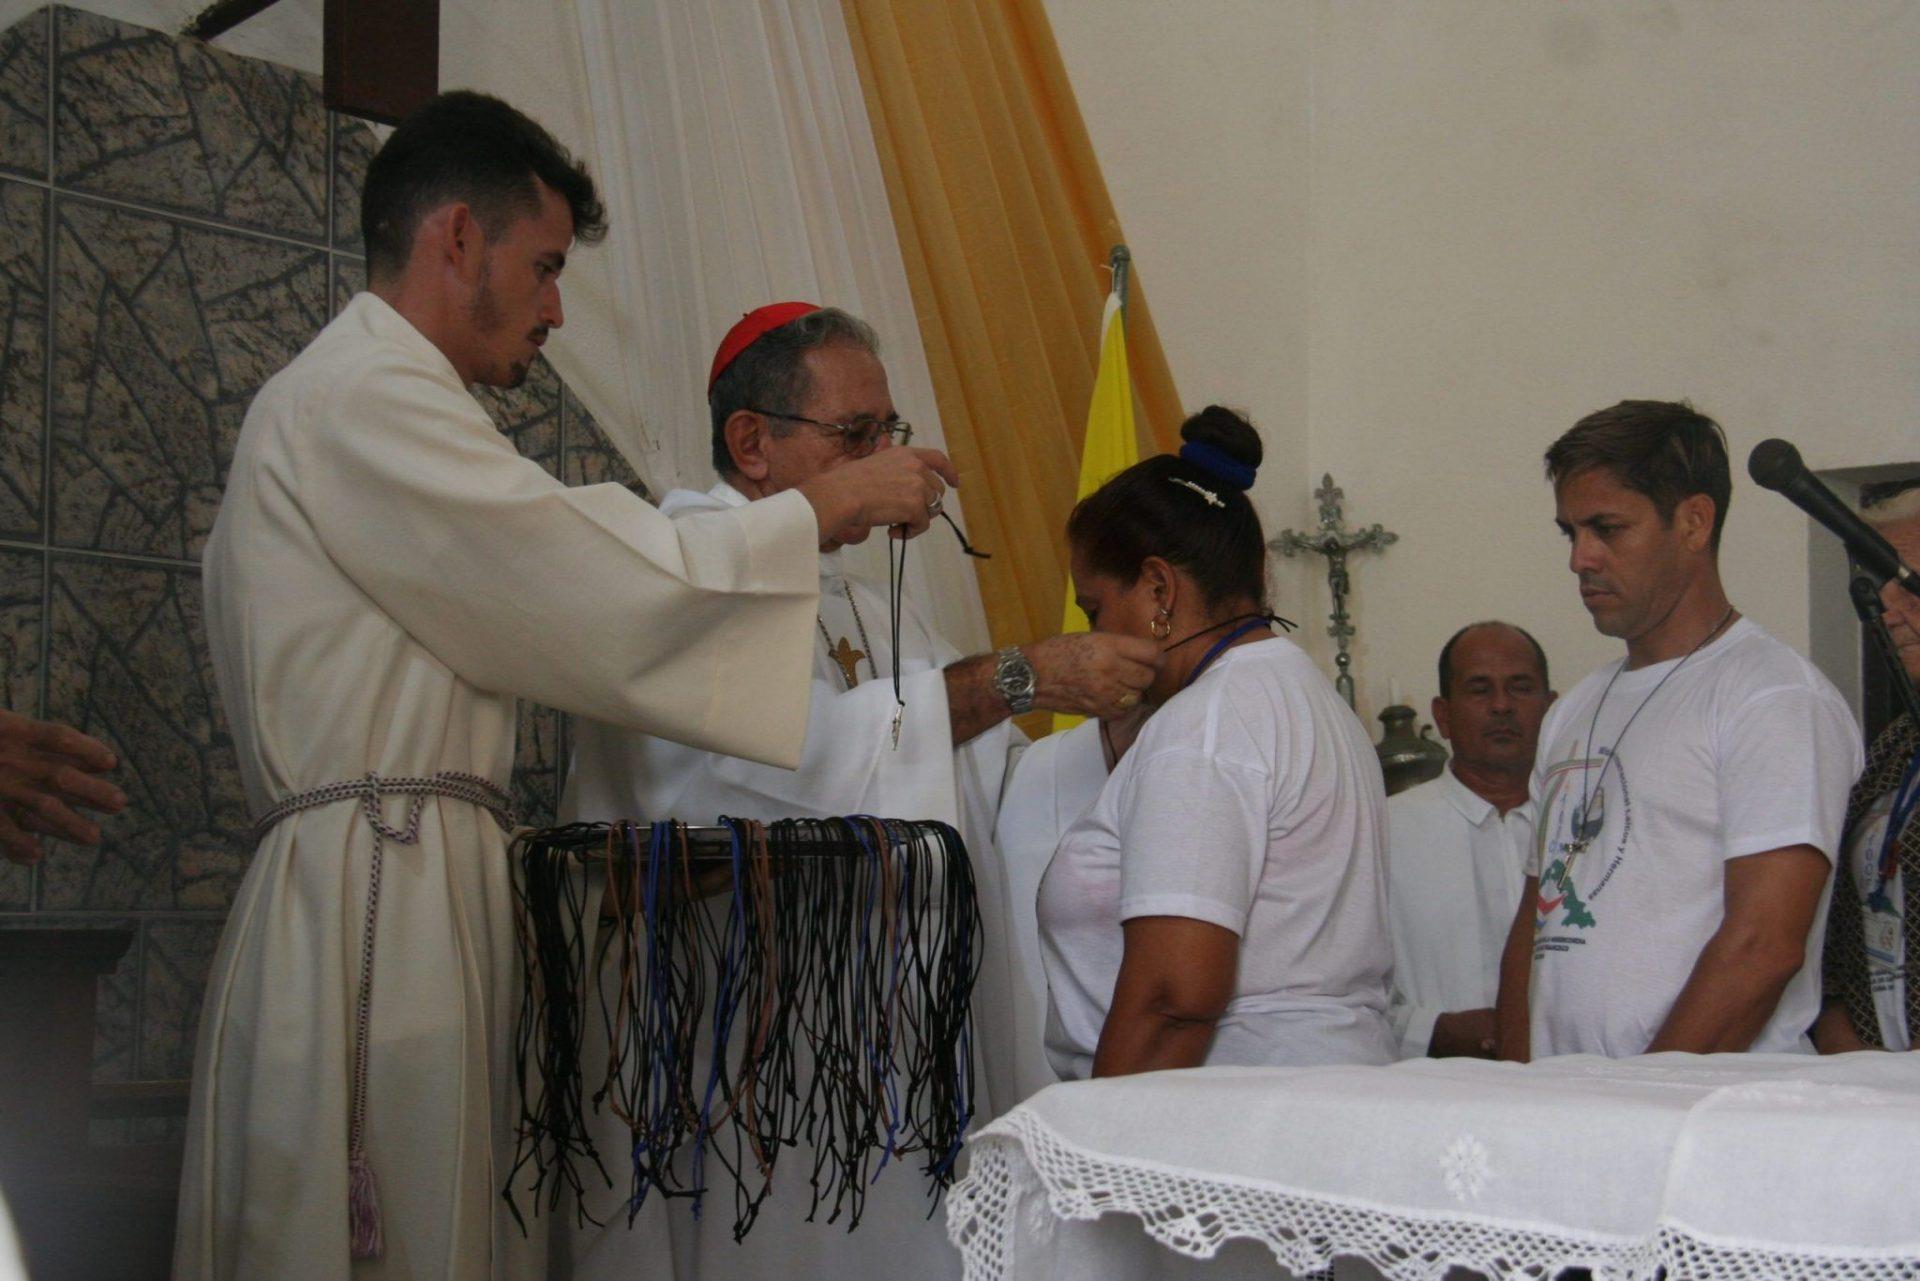 Momento en que el cardenal arzobispo de La Habana entregó a los participantes el primer signo de la misión, la cruz de la beata María Petković.